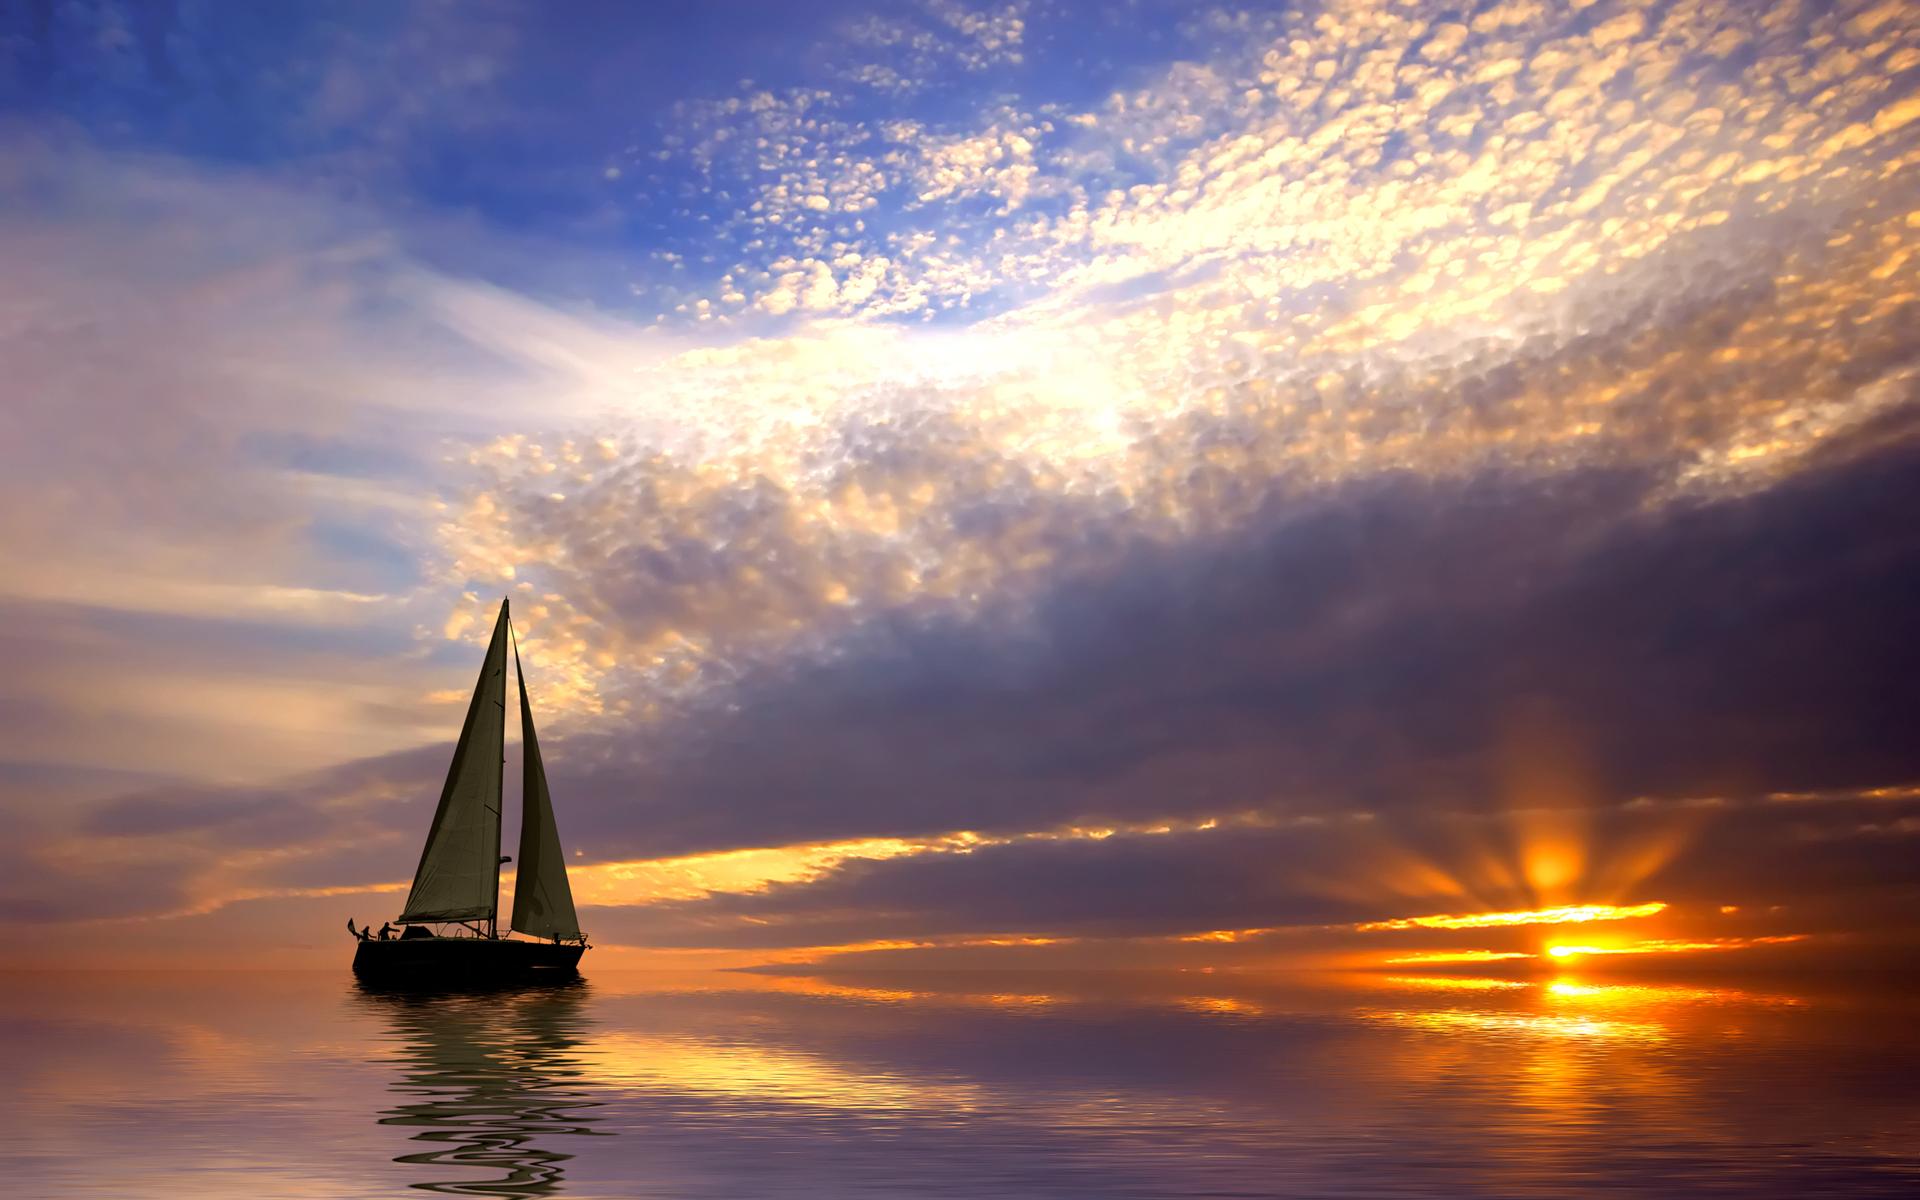 Sail the Ocean - Tim Leberecht